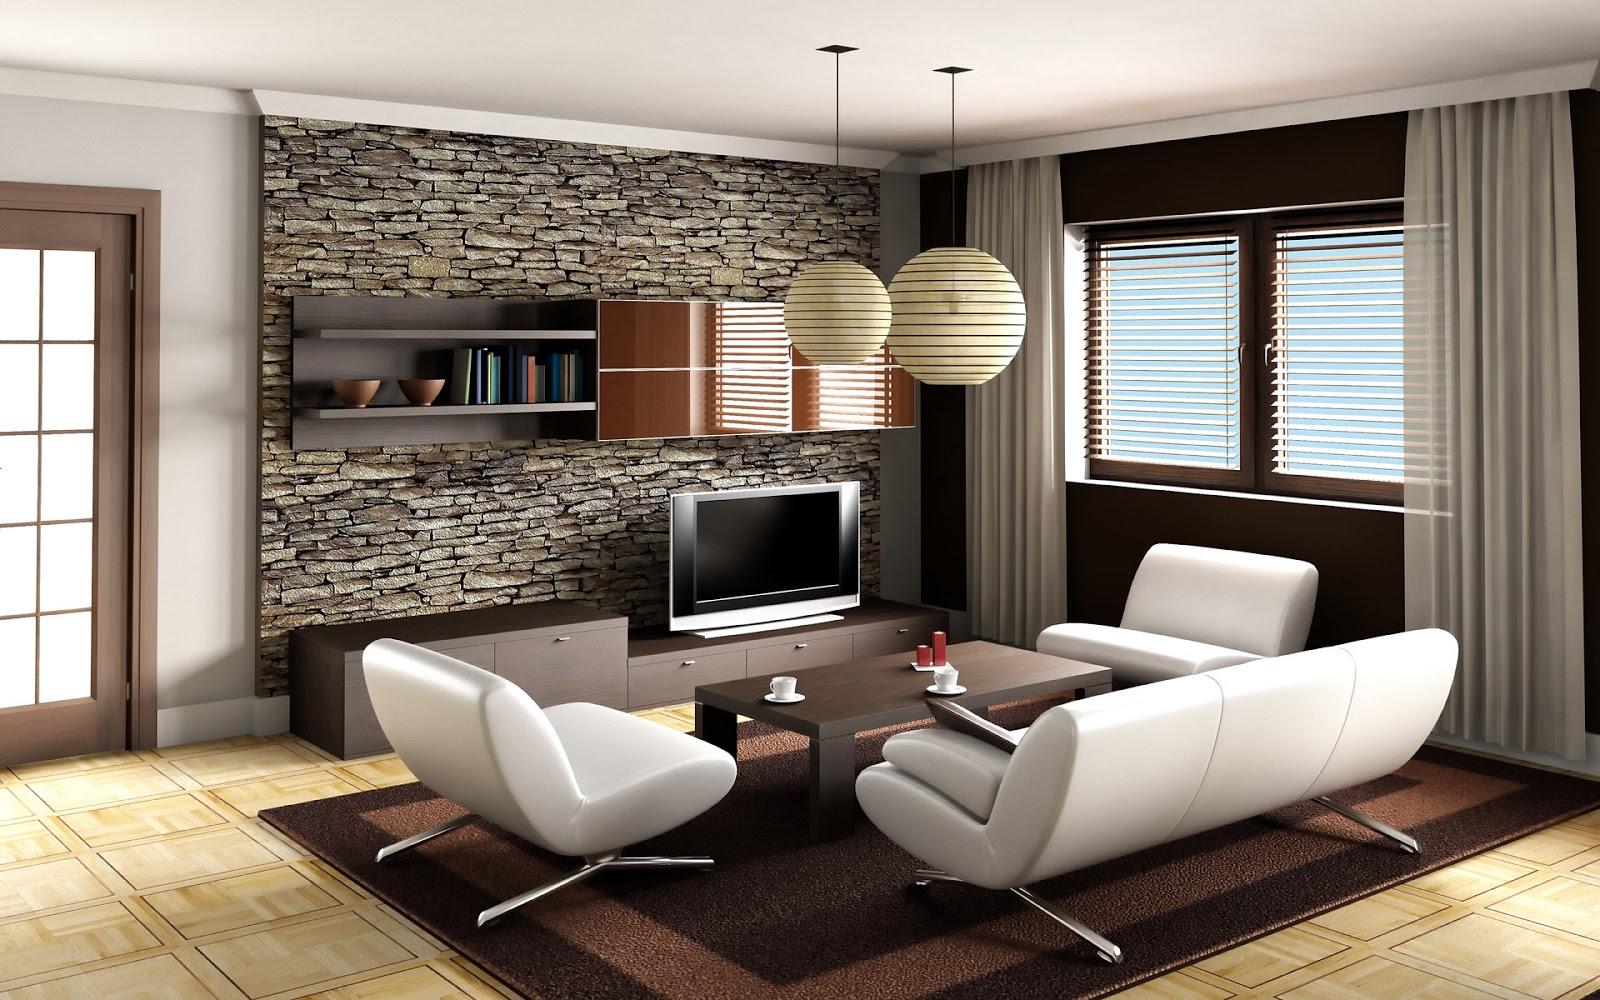 Style In Luxury Interior Living Room Design Ideas | Dream ...